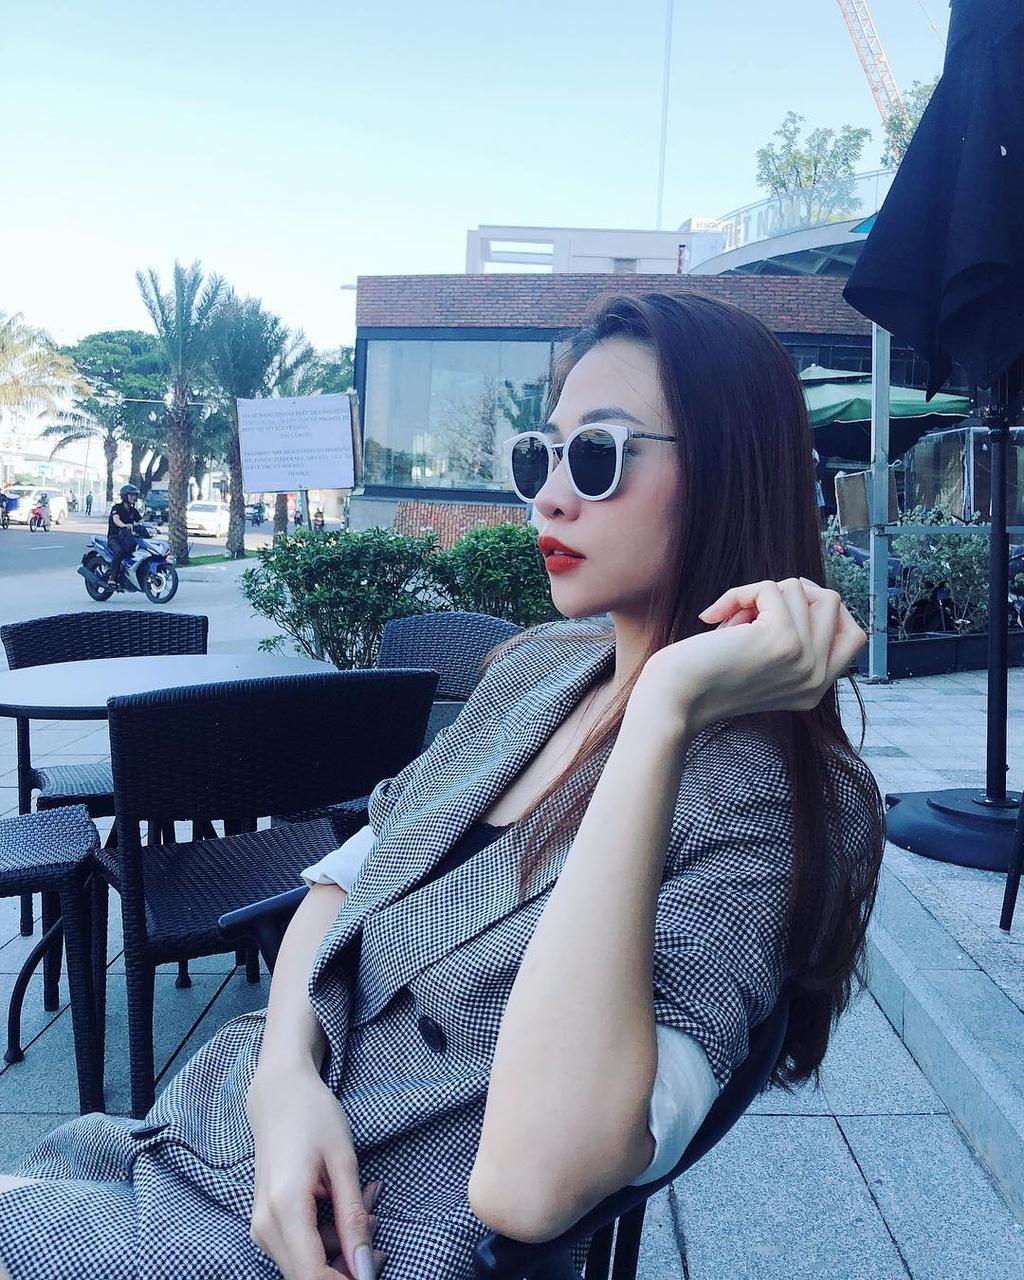 Phong cach thoi trang don gian va ca tinh cua nguoi dep Dam Thu Trang hinh anh 8